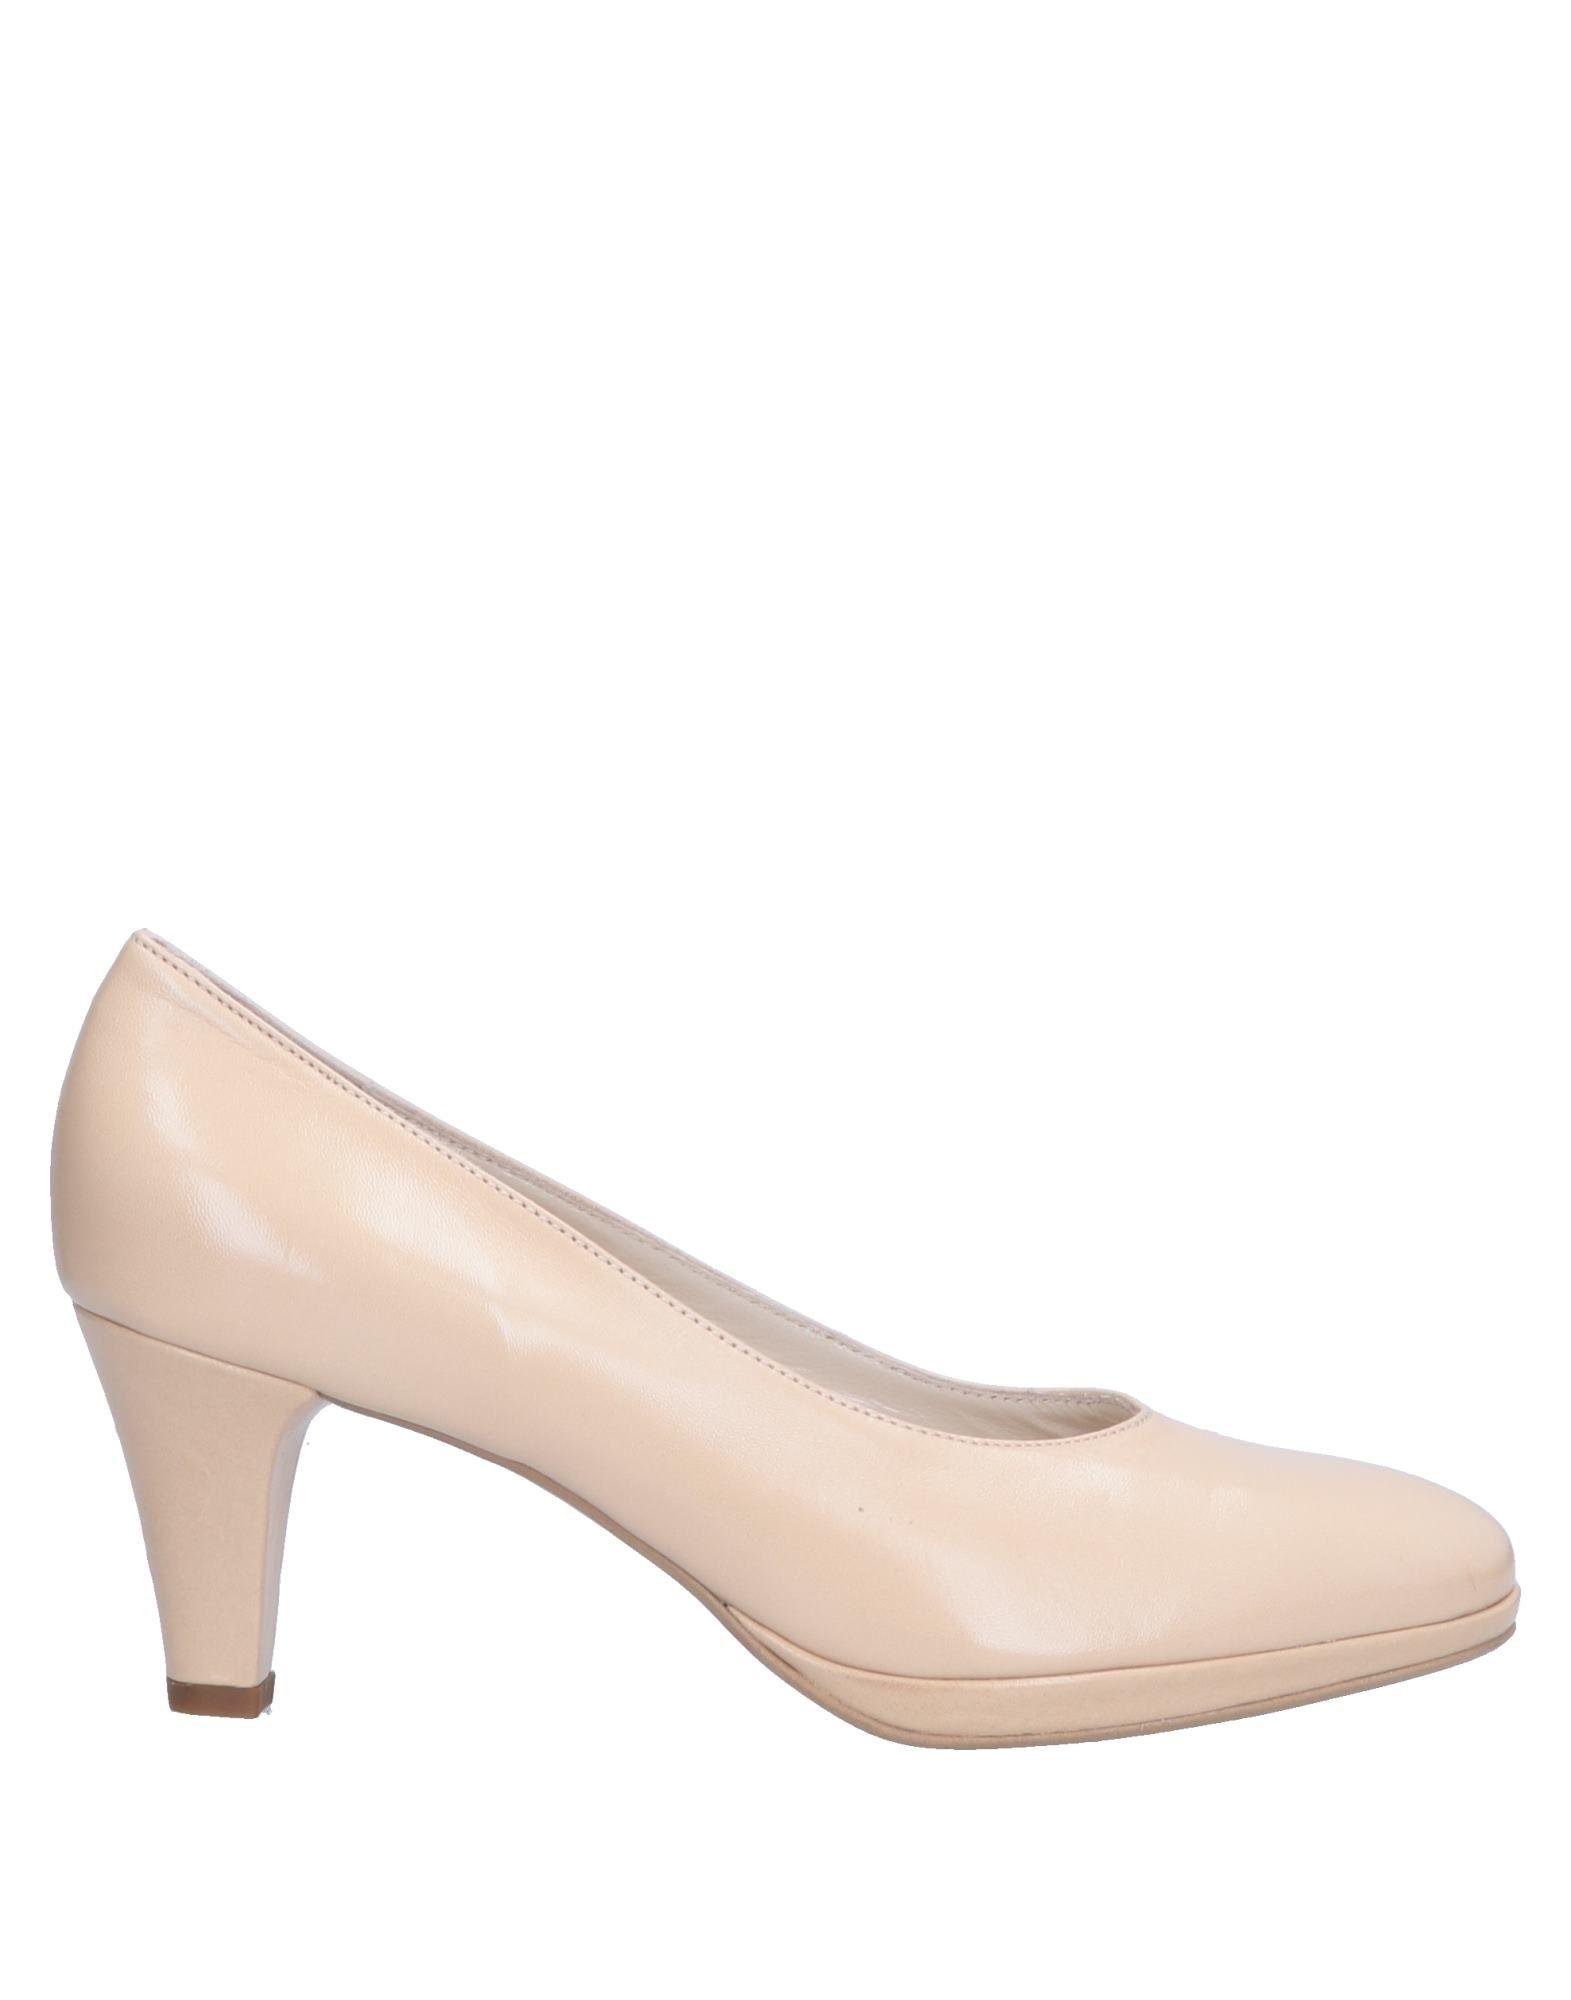 Mocassino Calpierre Donna - scarpe 11458972TK Nuove offerte e scarpe - comode 09b33a